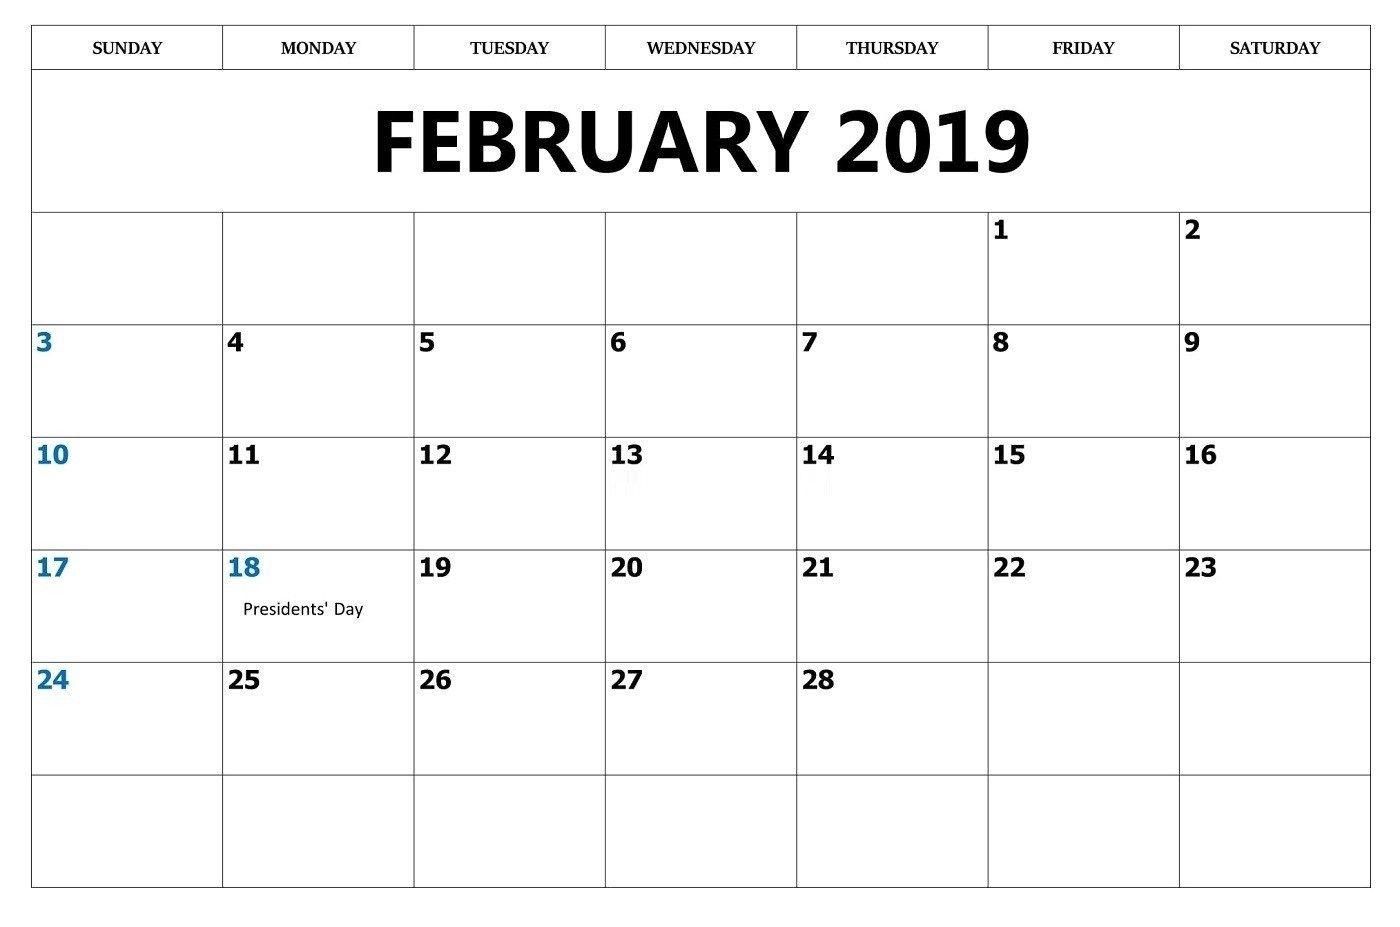 Feb 2019 Holidays